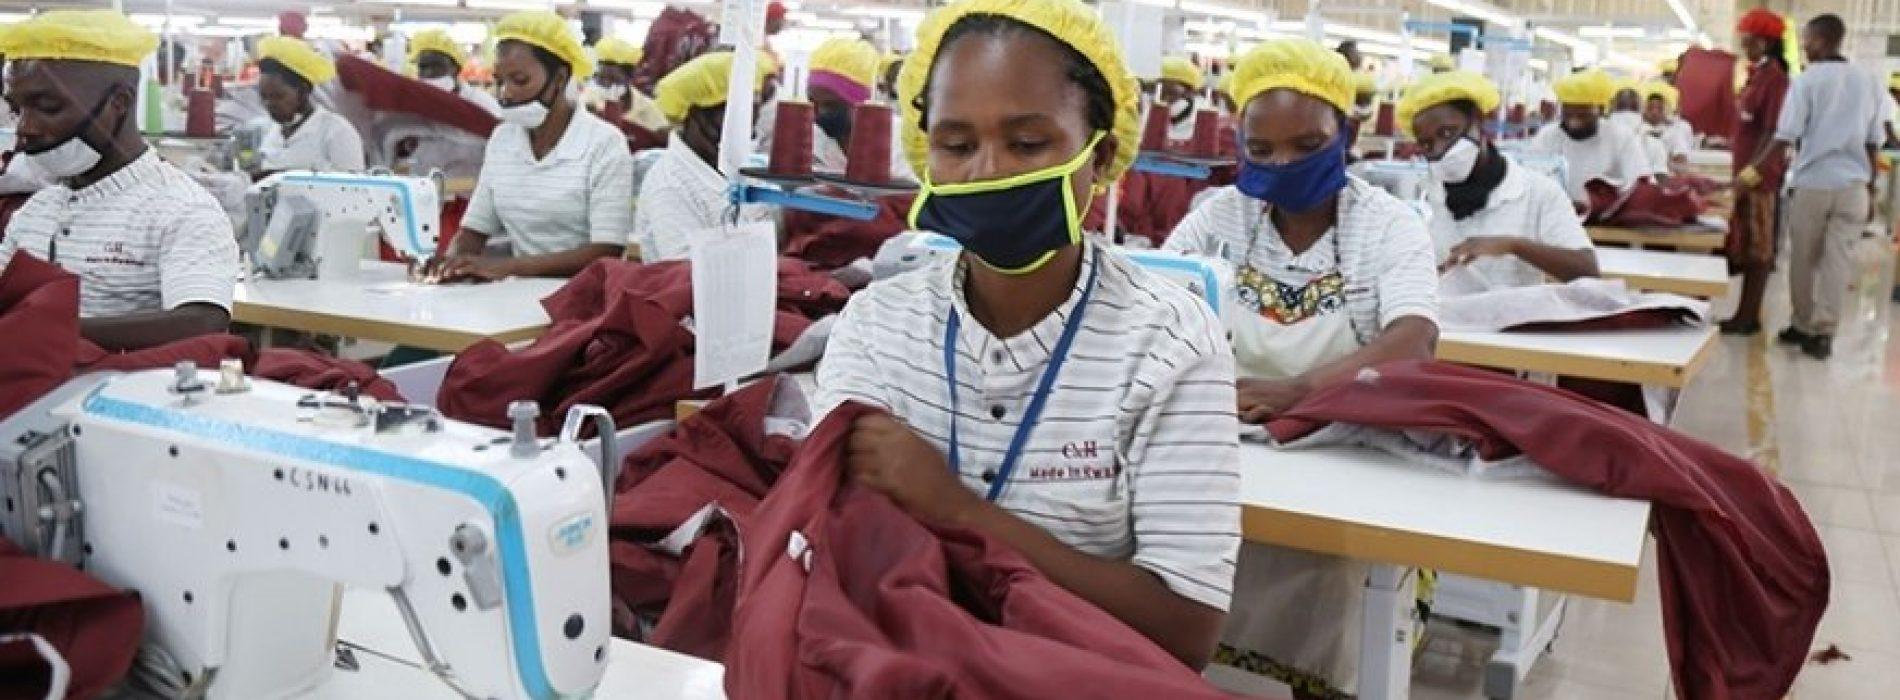 Rwanda: Il blocco all'import di abiti usati ha dato impulso all'industria tessile locale